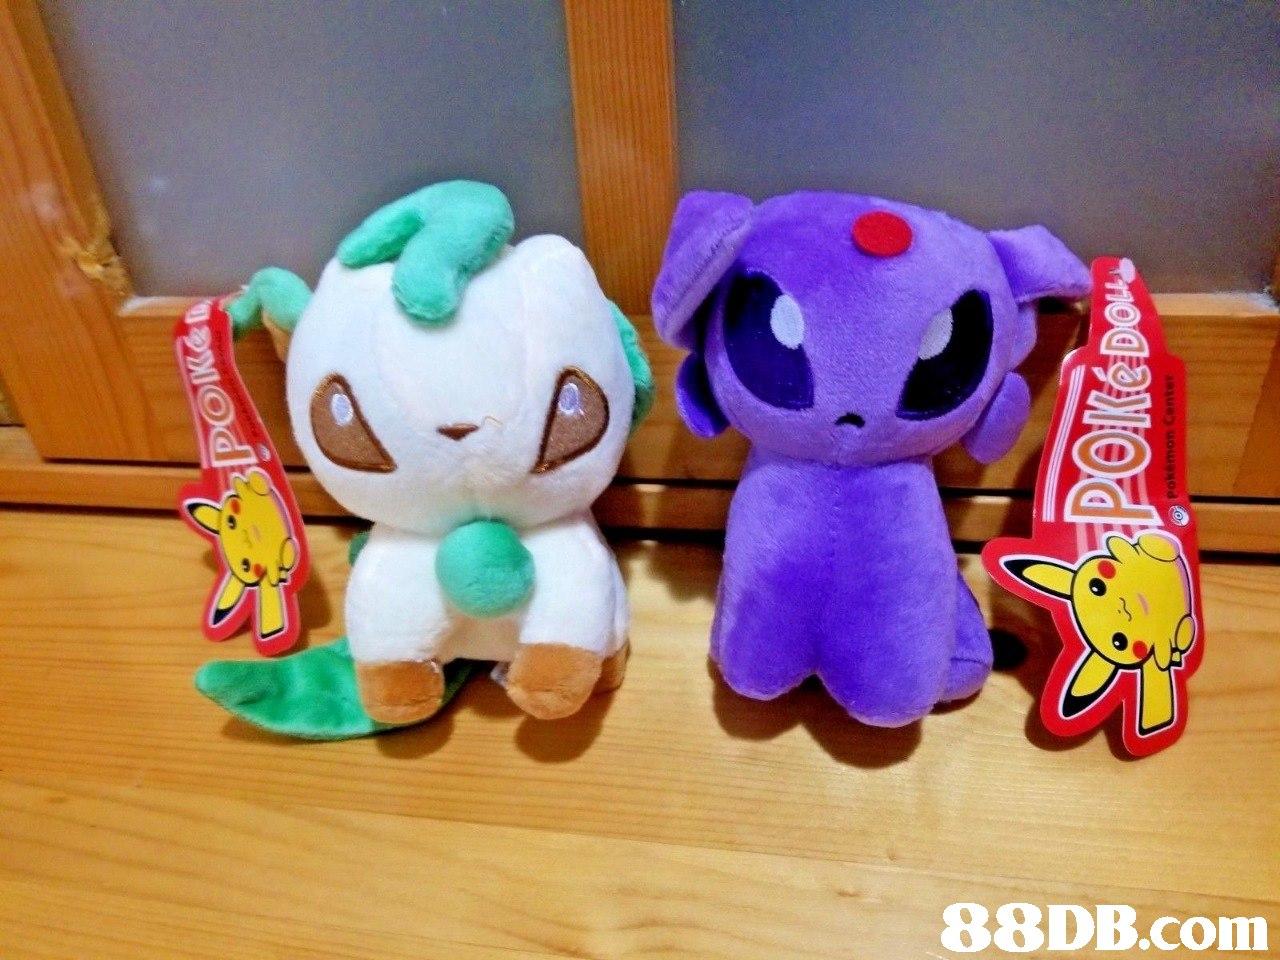 88DB.com  stuffed toy